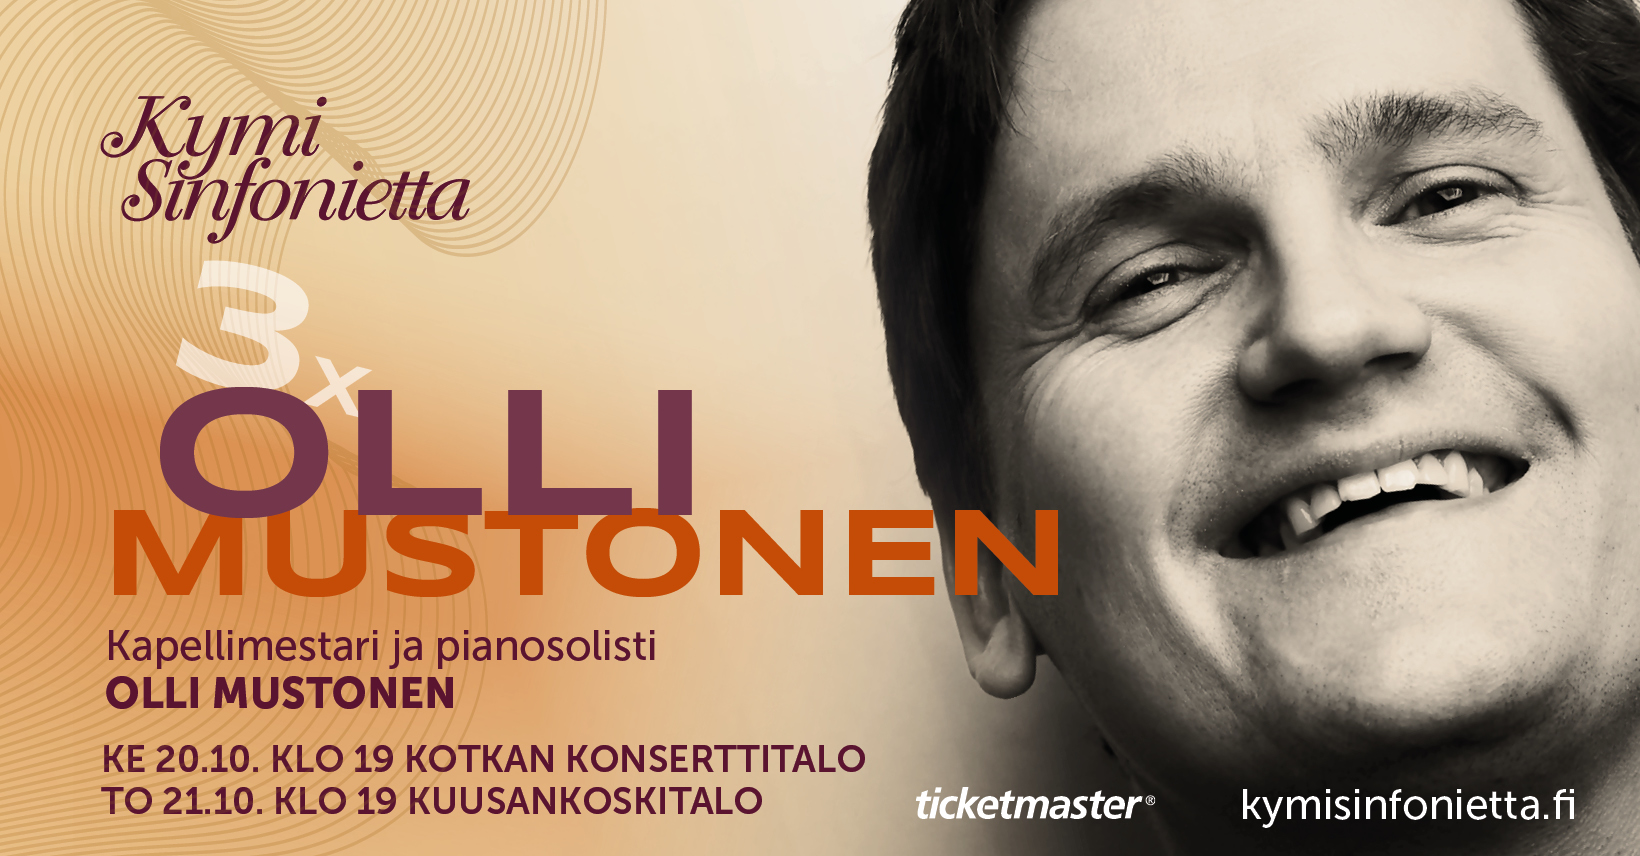 Kymi Sinfonietta: 3X Olli Mustonen